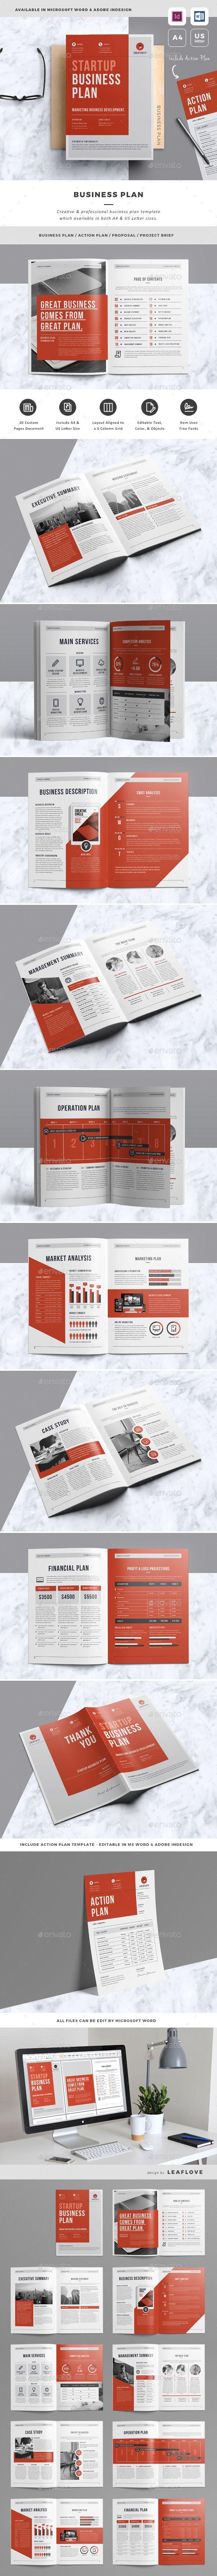 Business Plan | Diseño corporativo, Diseño editorial y Formato